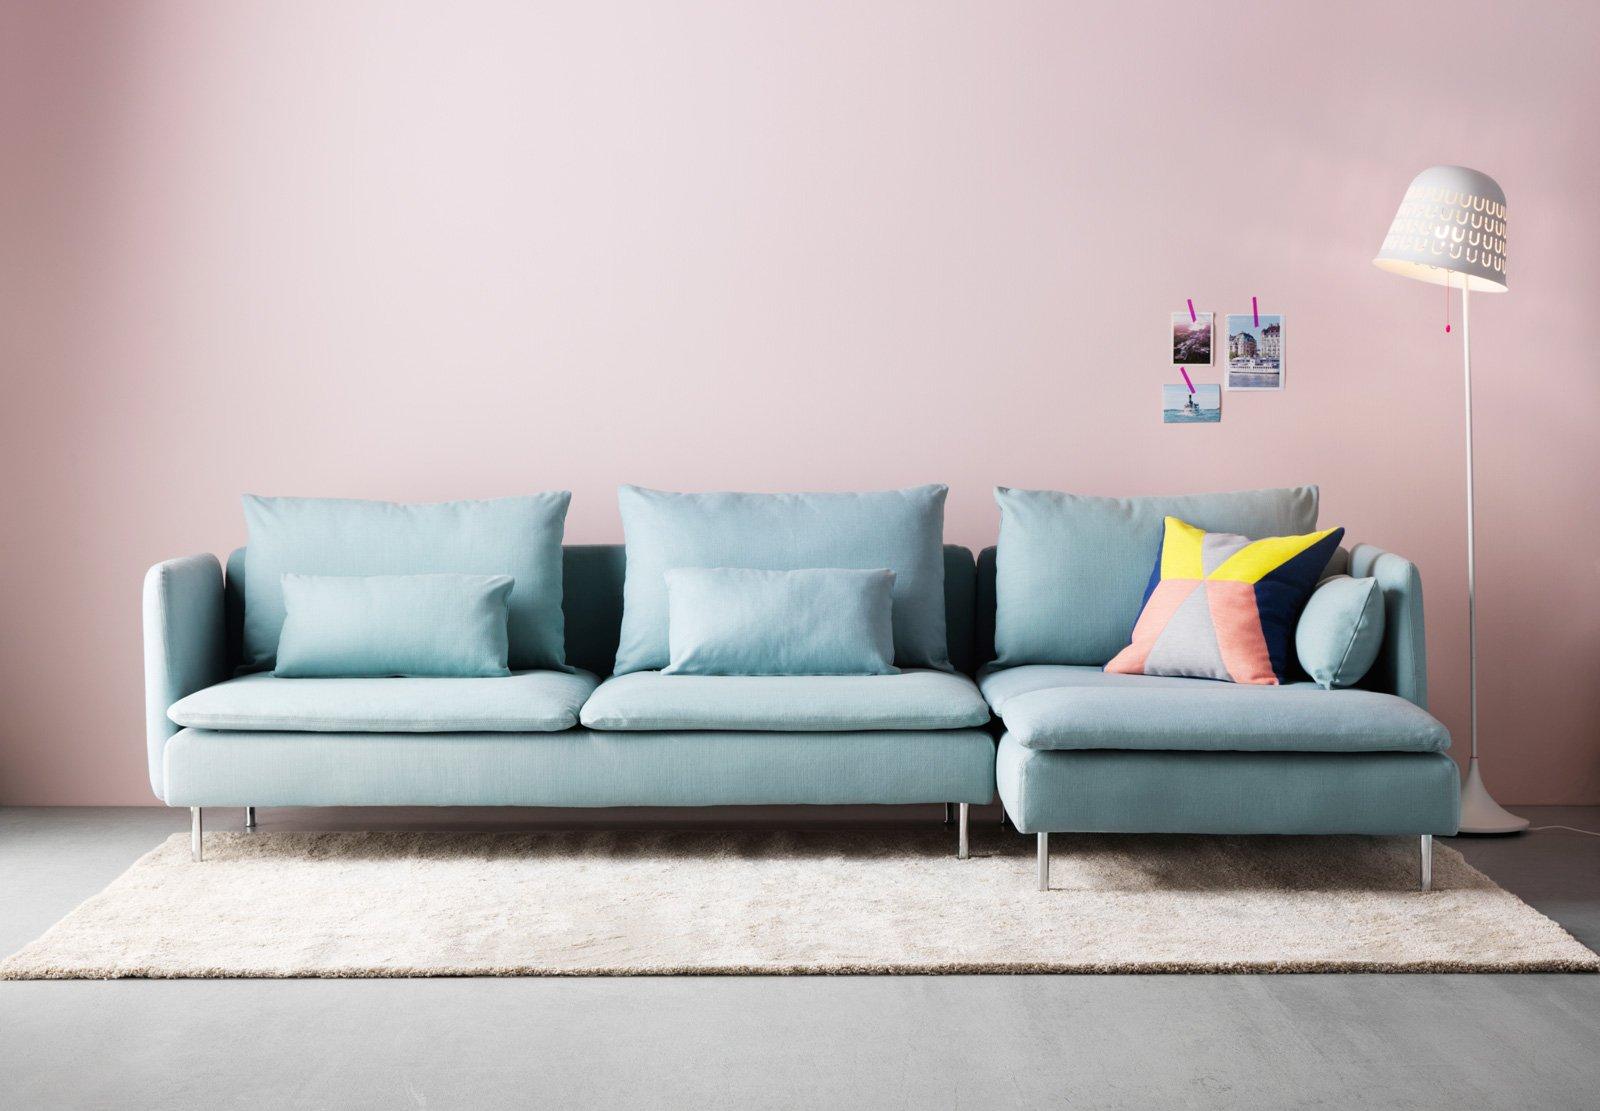 Divano quale moda ecco il trend attuale cose di casa - Opinioni divani ikea ...